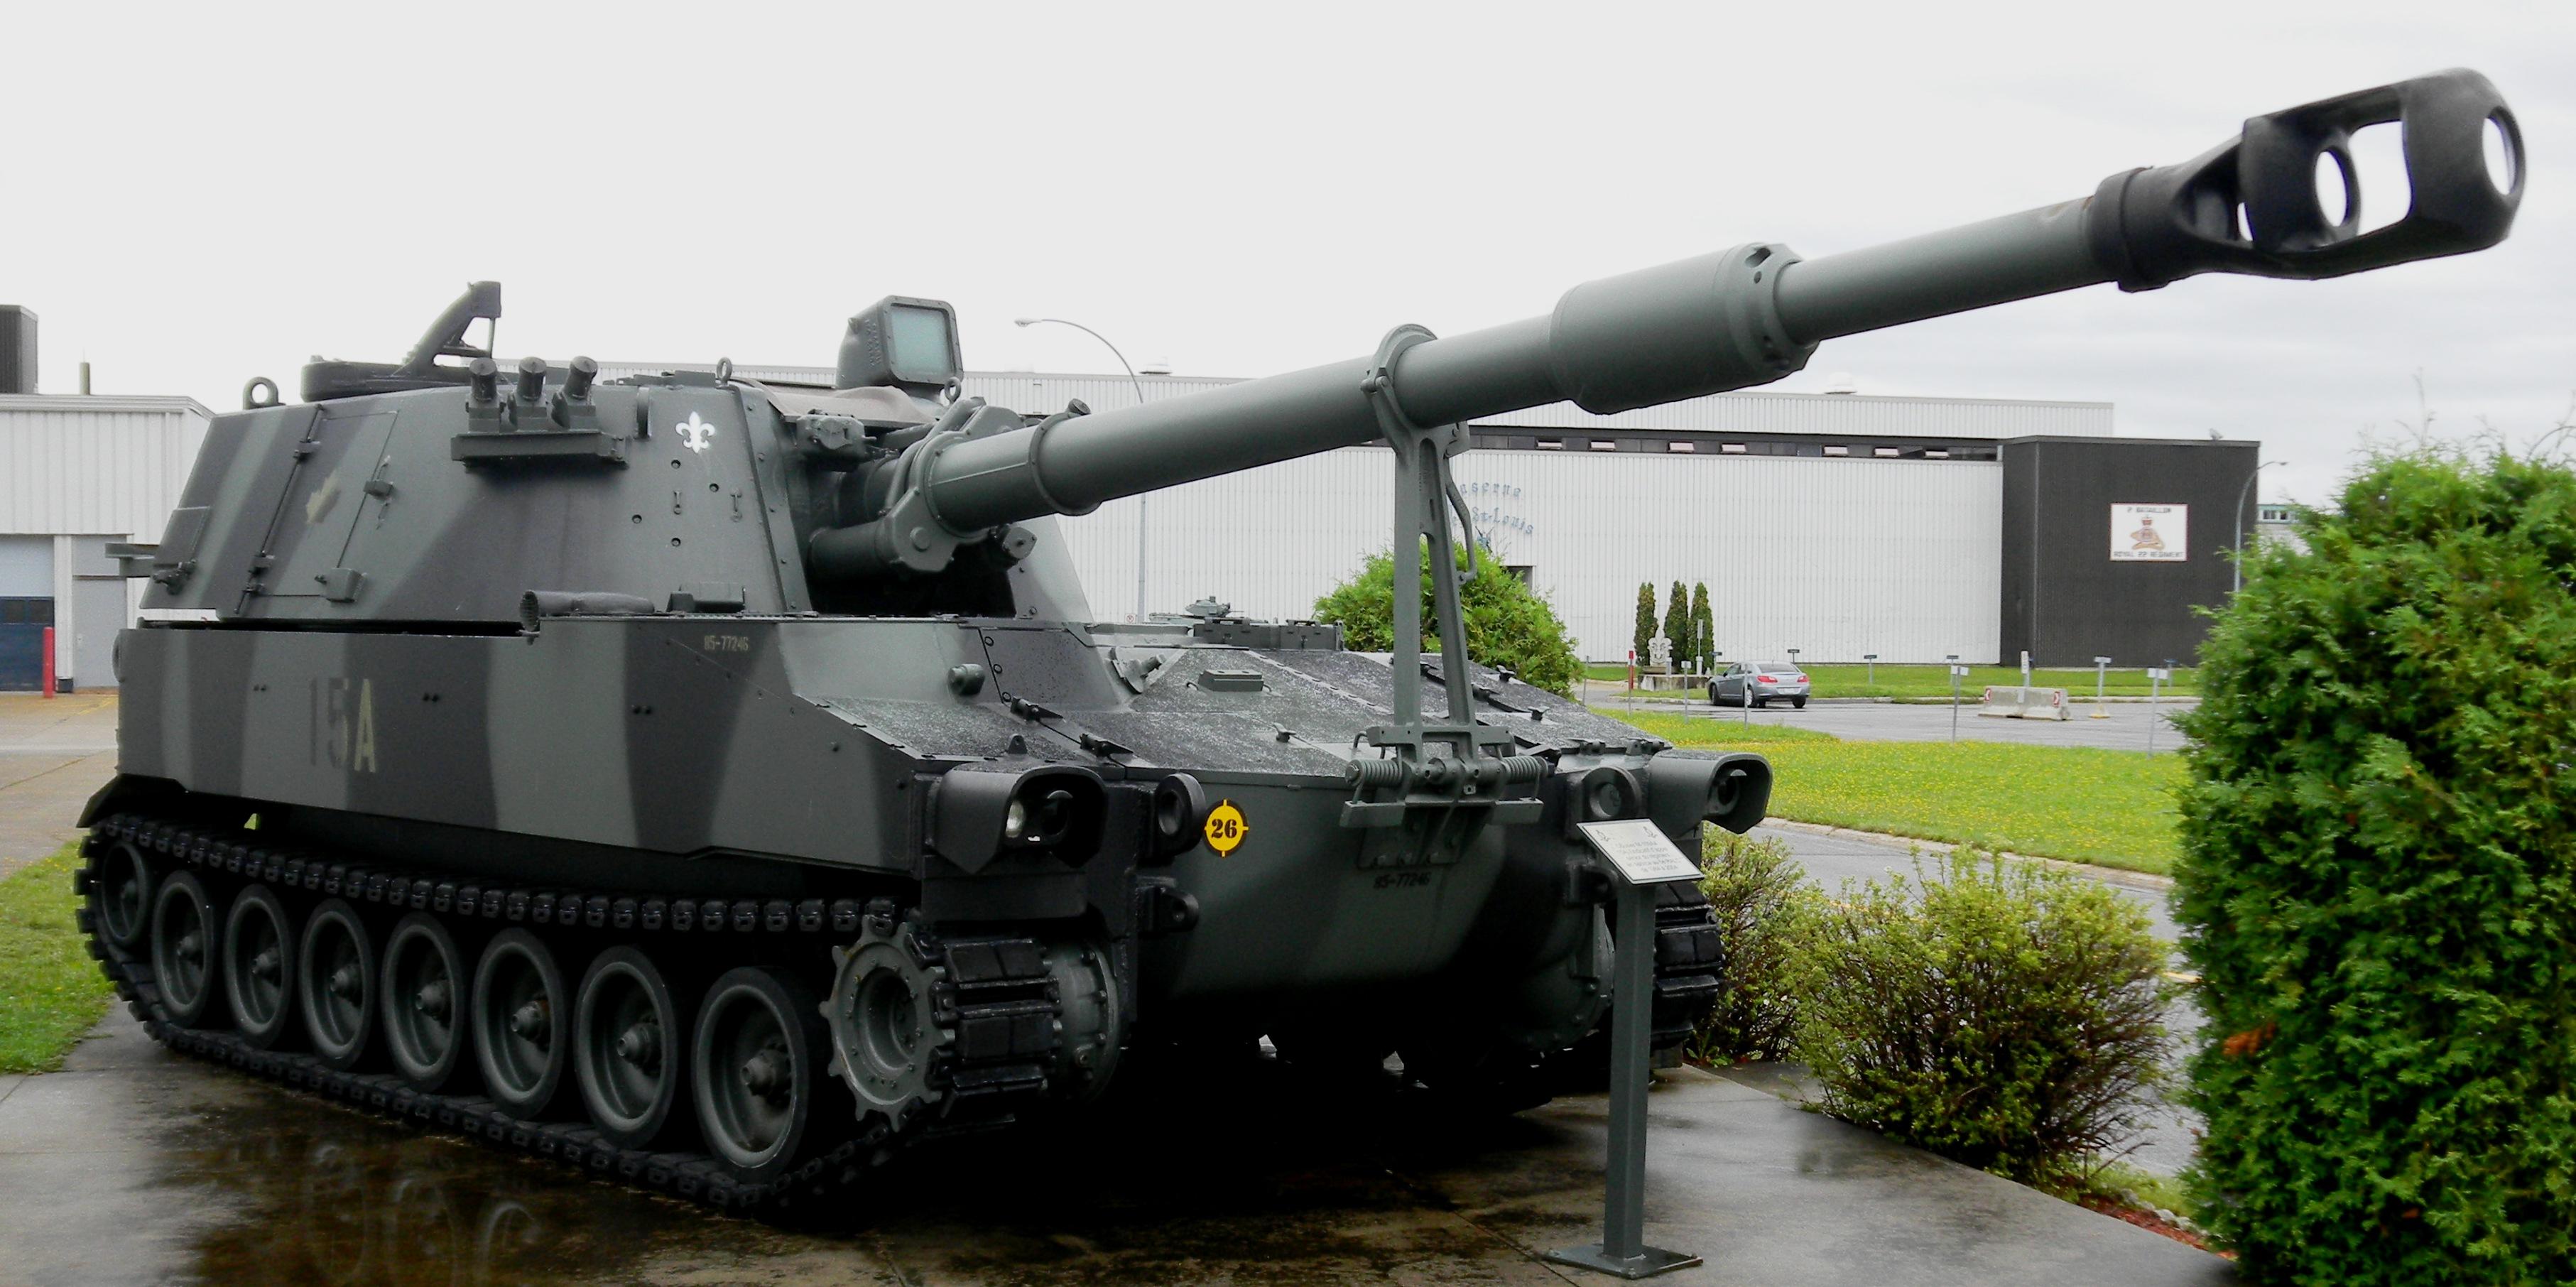 https://upload.wikimedia.org/wikipedia/commons/8/8d/M109A4_155_mm_SP_Gun,_CCFB_Valcartier,_Quebec,_5_Sep_2011_(26).JPG